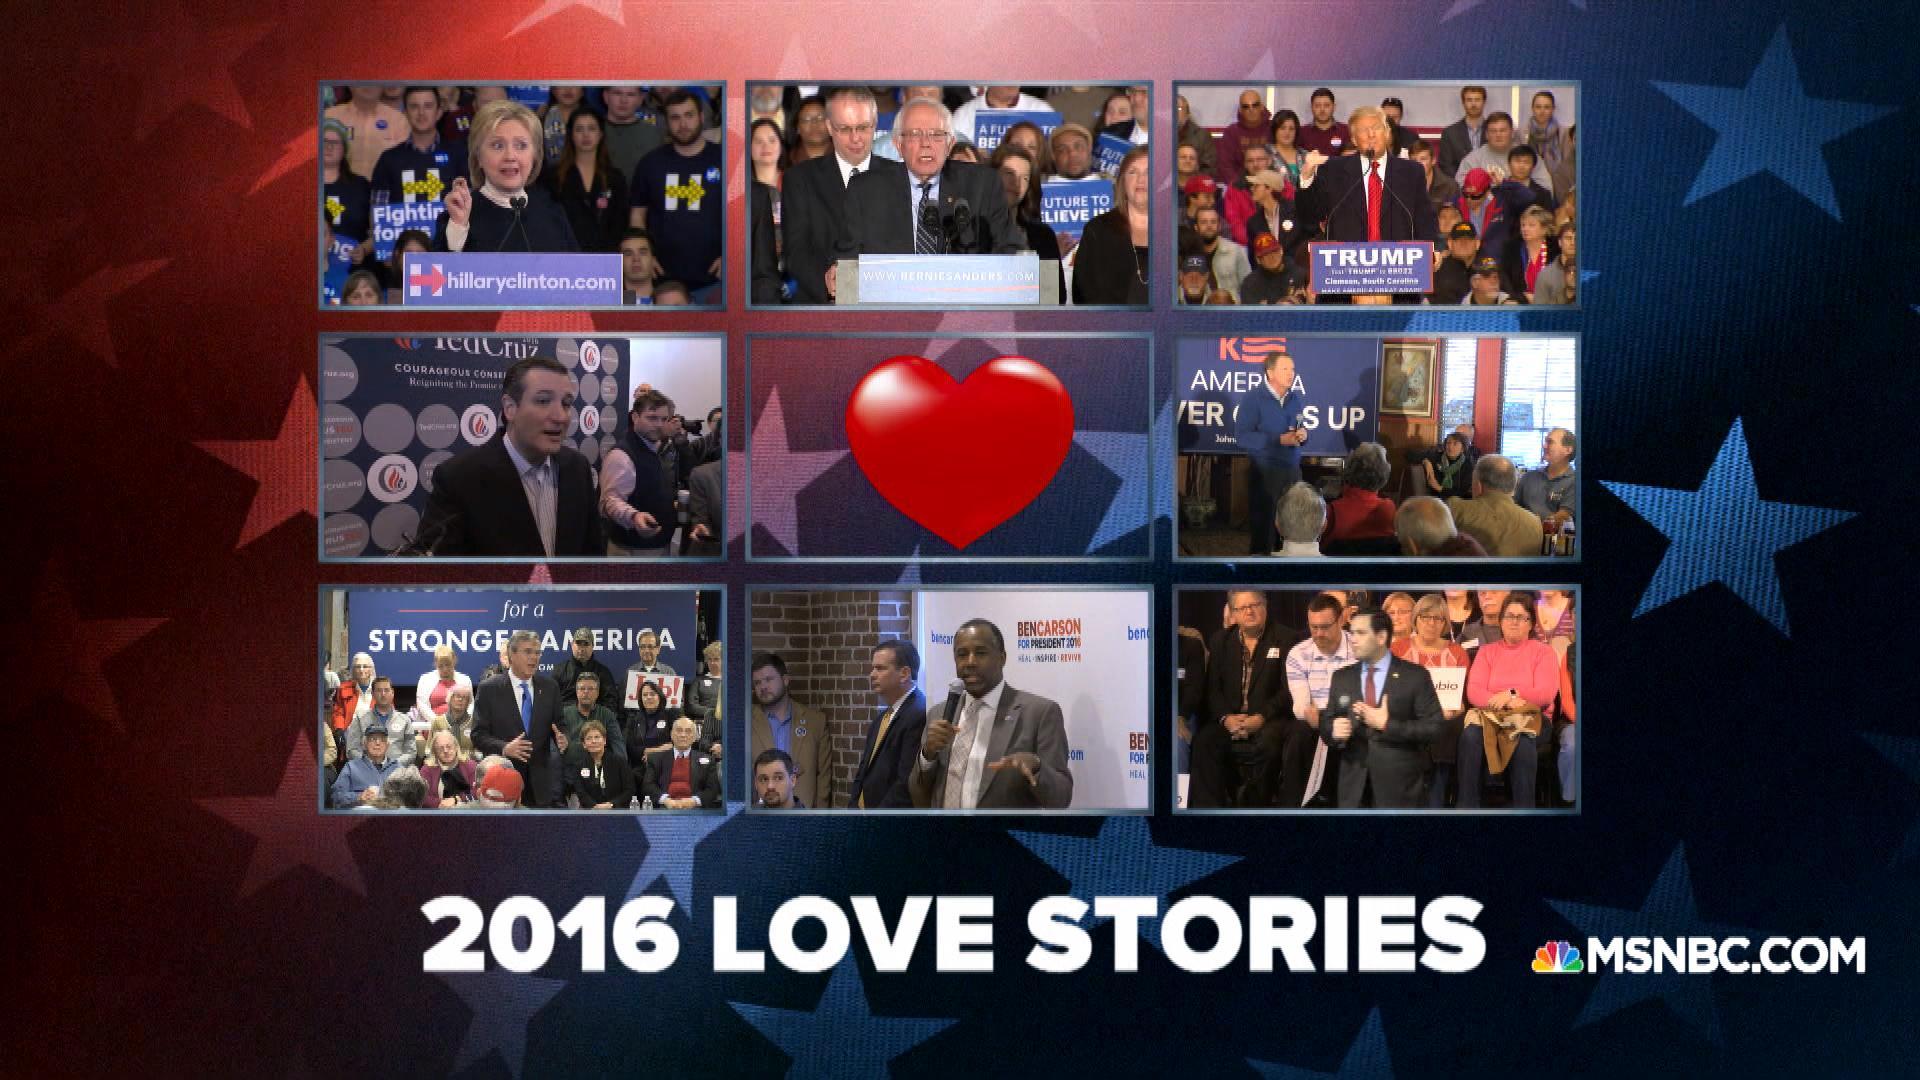 Valentine Stories: 2016 Candidate Edition